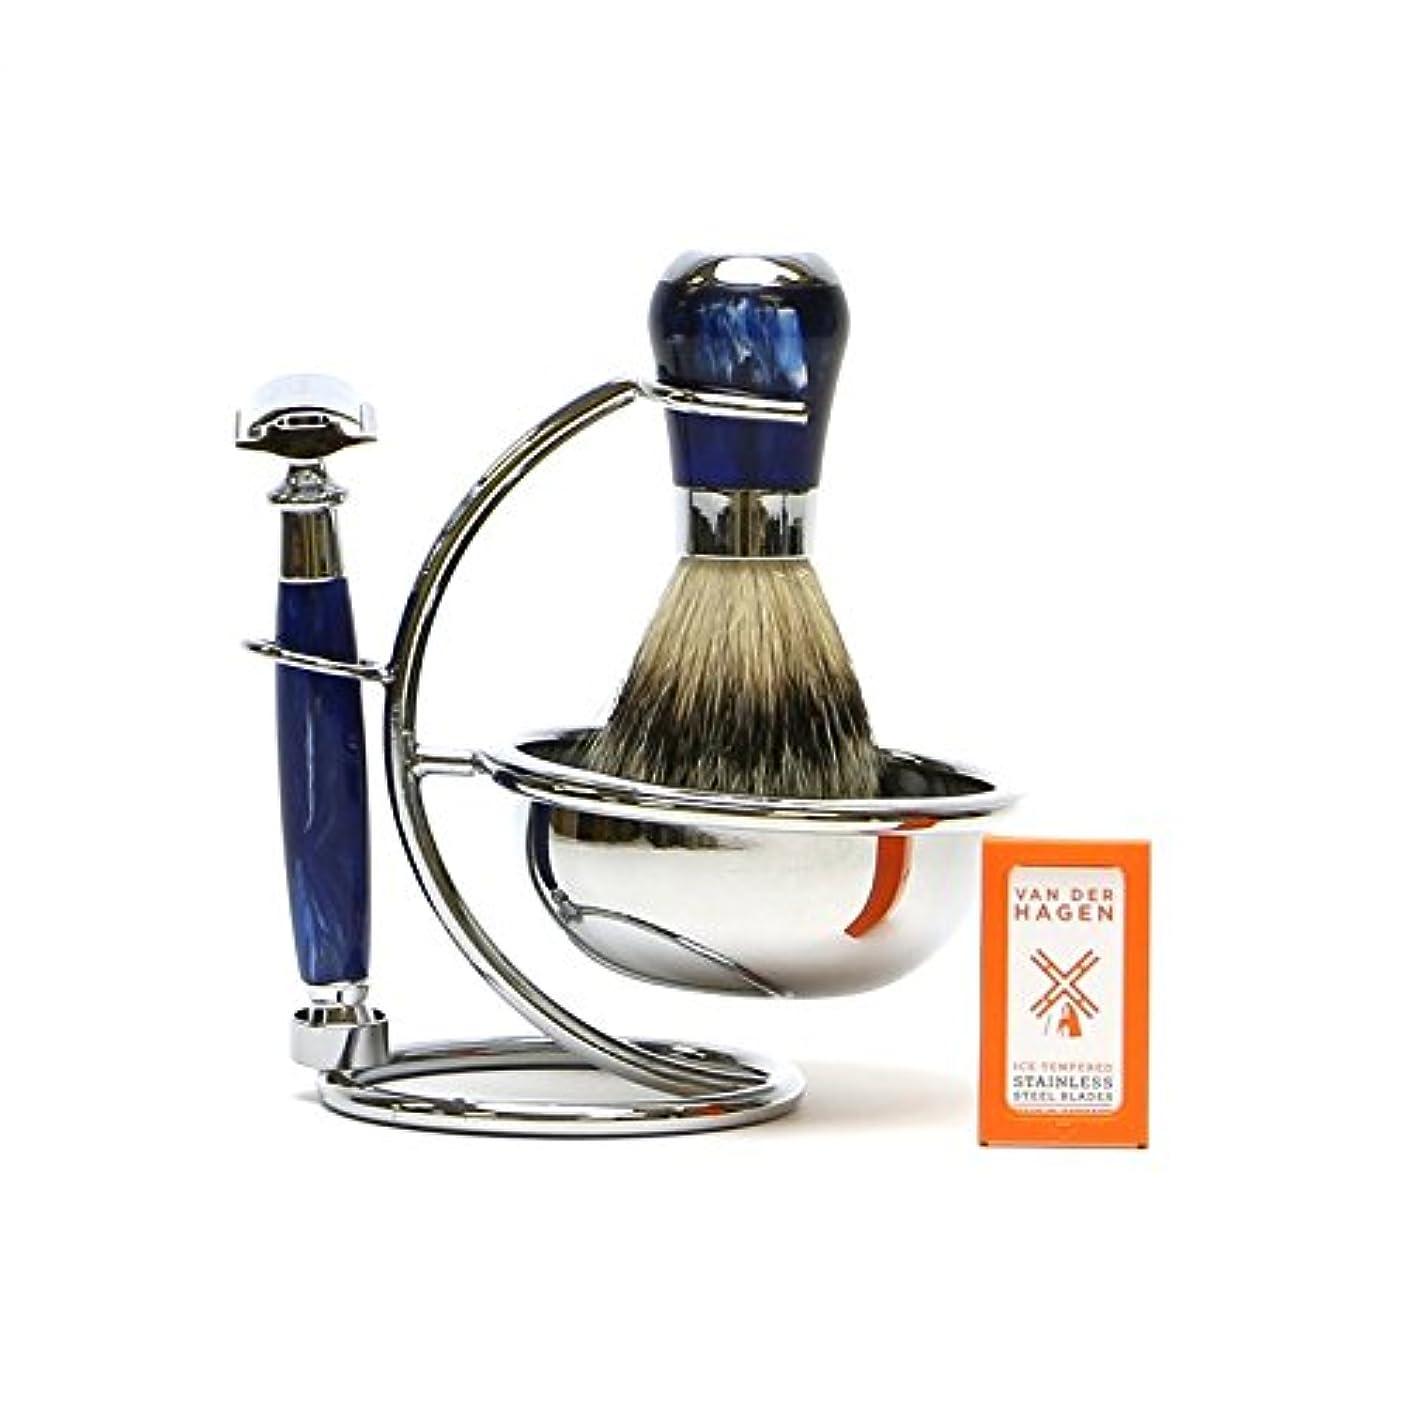 アミューズ規範症候群VANDERHAGEN(米) ウェットシェービングセット ナイトスター 両刃 髭剃り 替刃5枚付